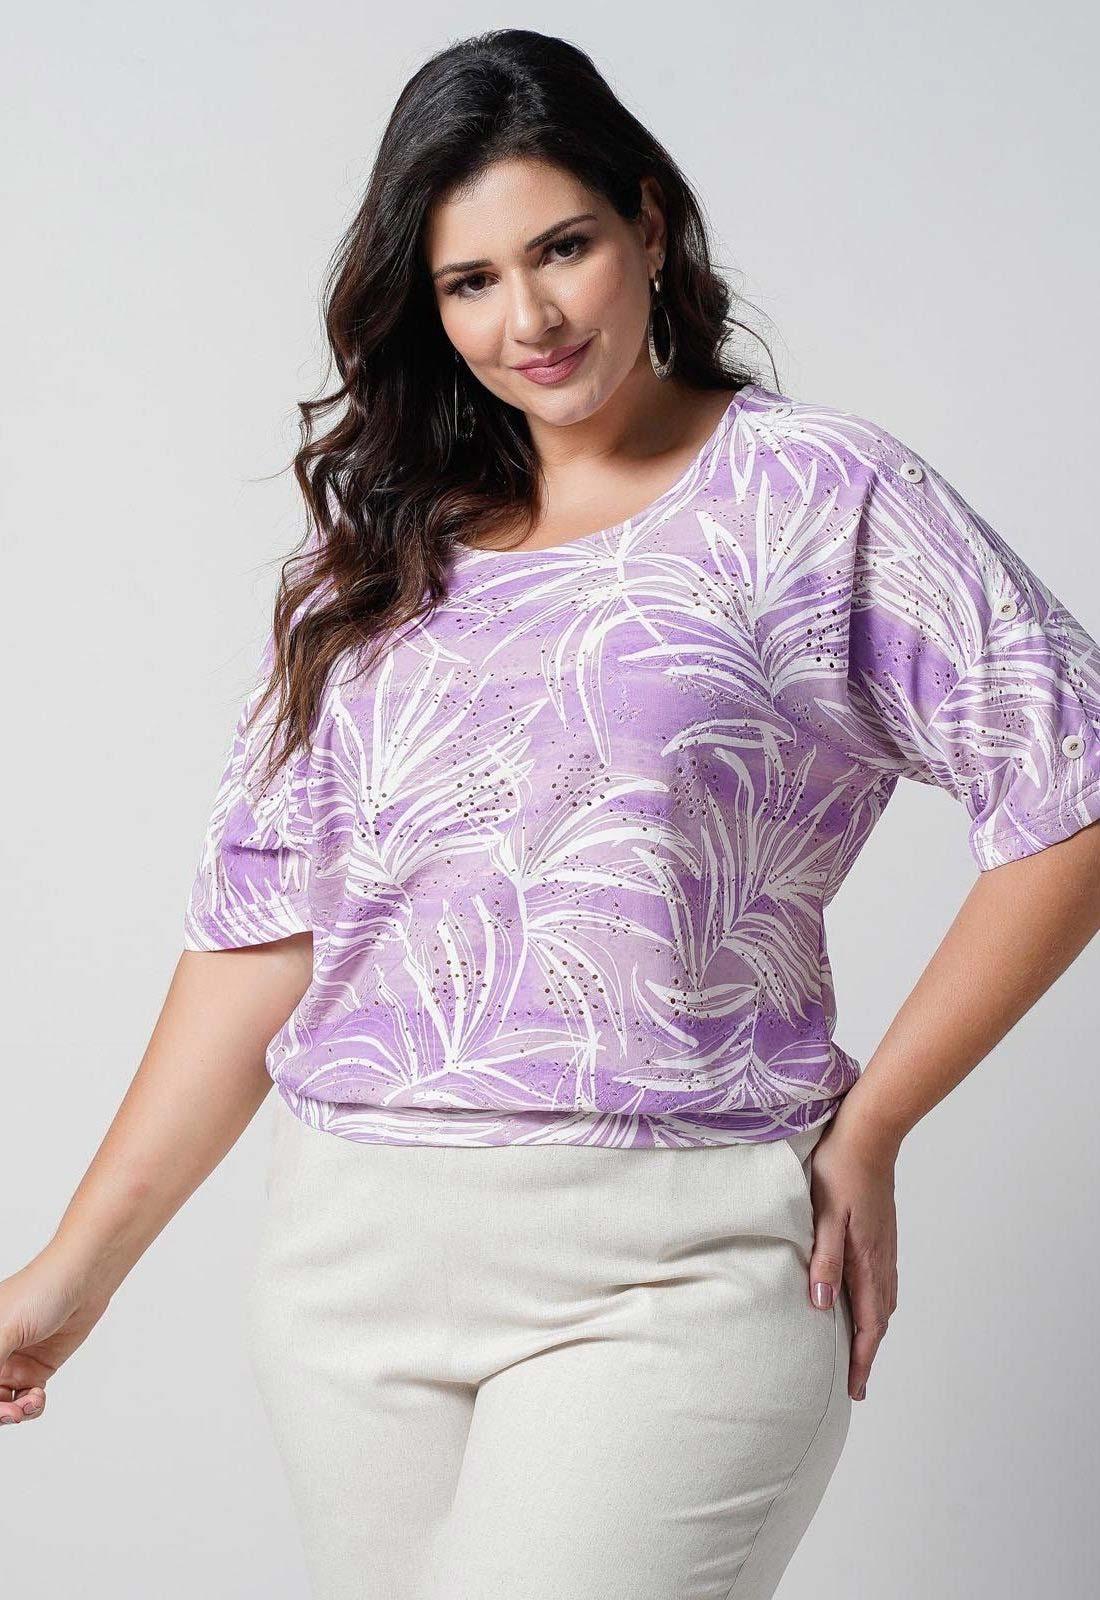 Blusa lilás laise de malha  plus size  Ref. U66321